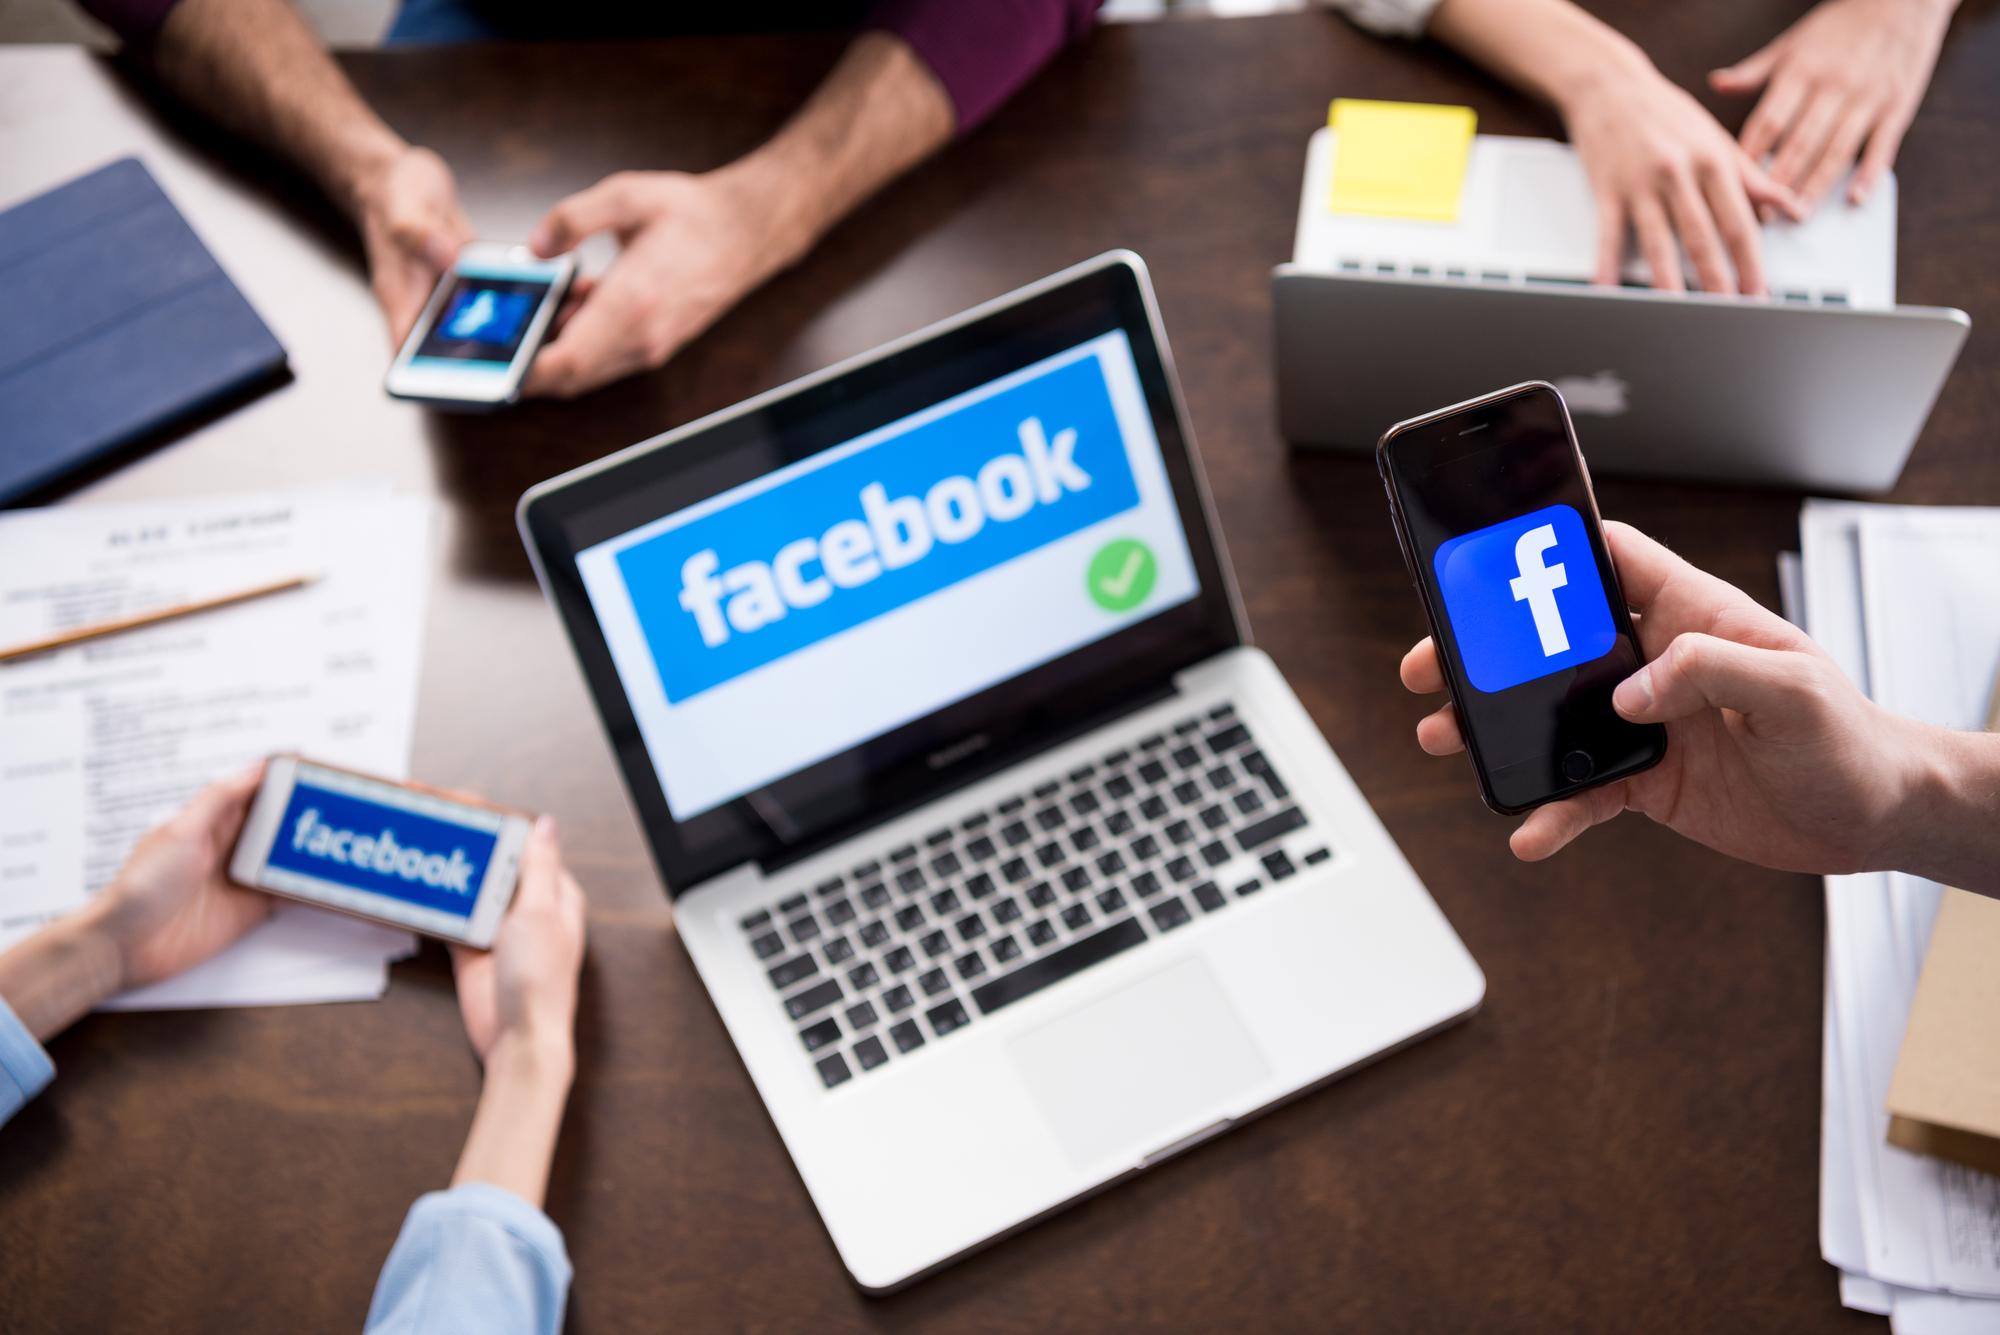 פרסום מוצר או שירות בפייסבוק